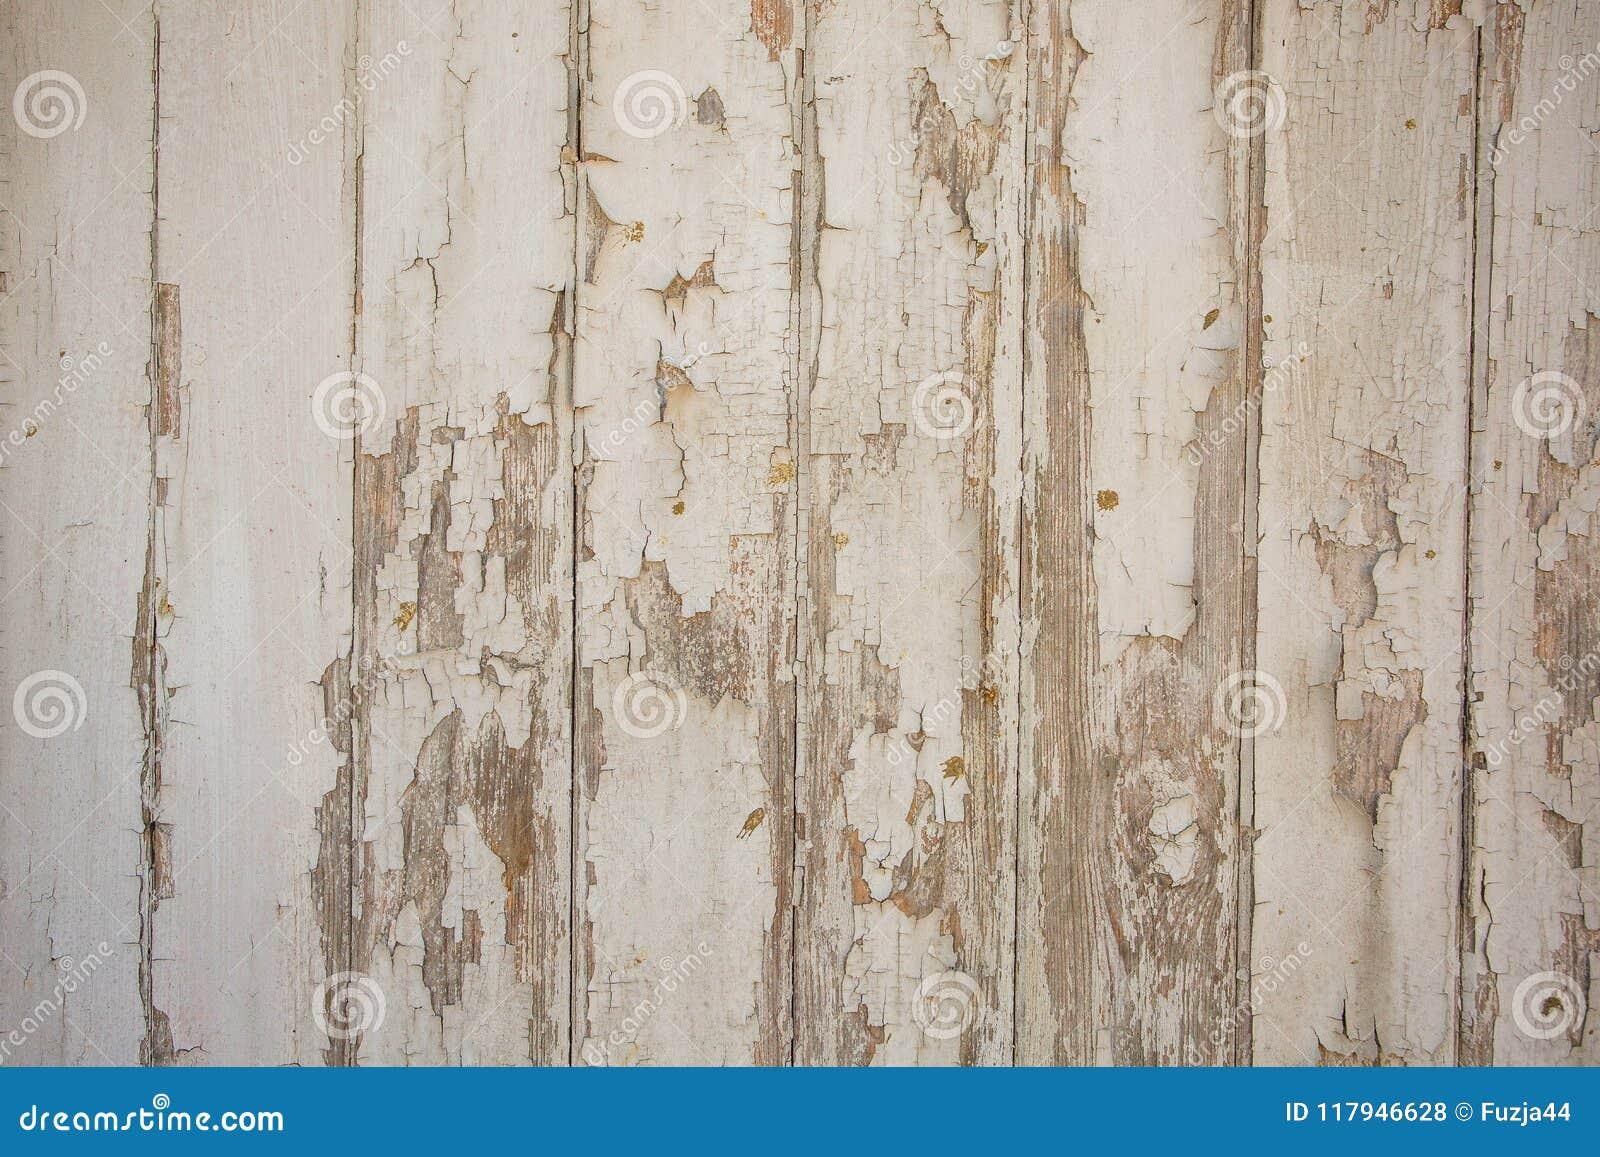 Witte/grijze houten textuurachtergrond met natuurlijke patronen